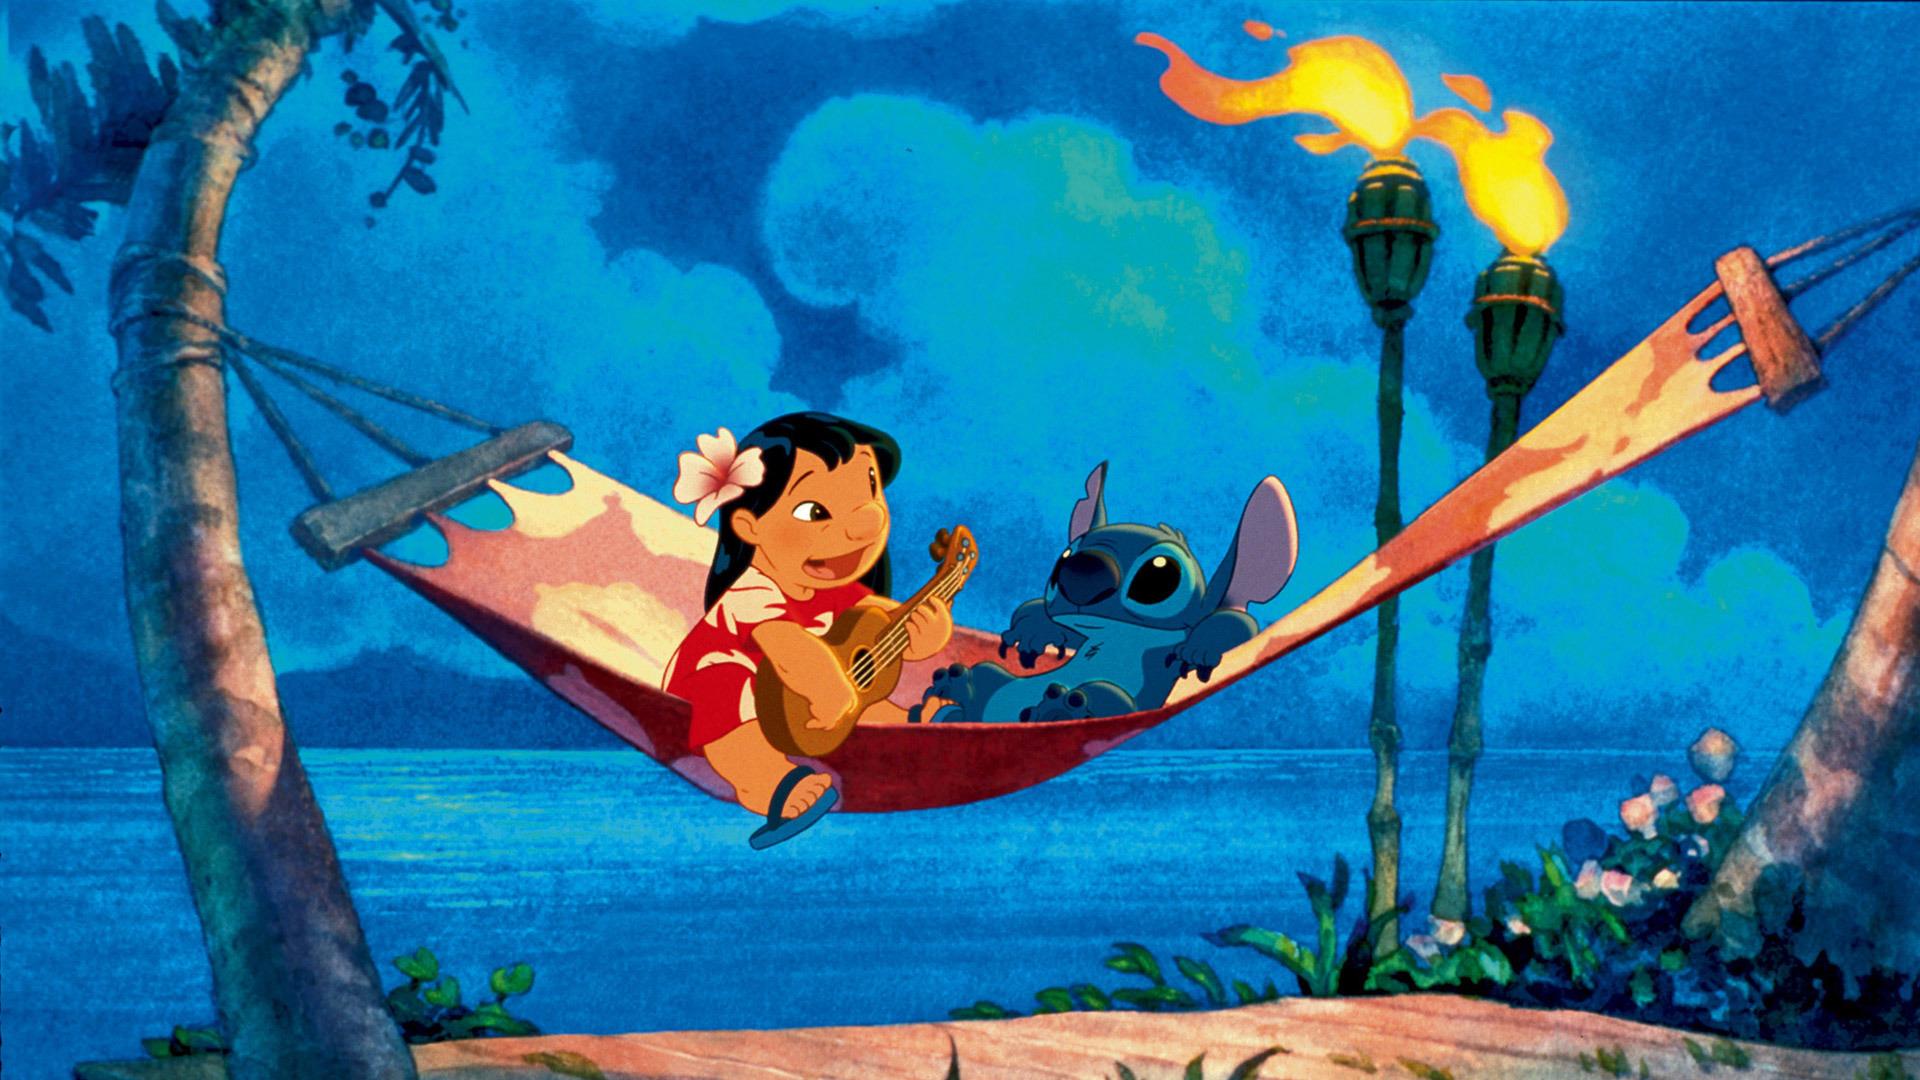 Show Lilo & Stitch: The Series